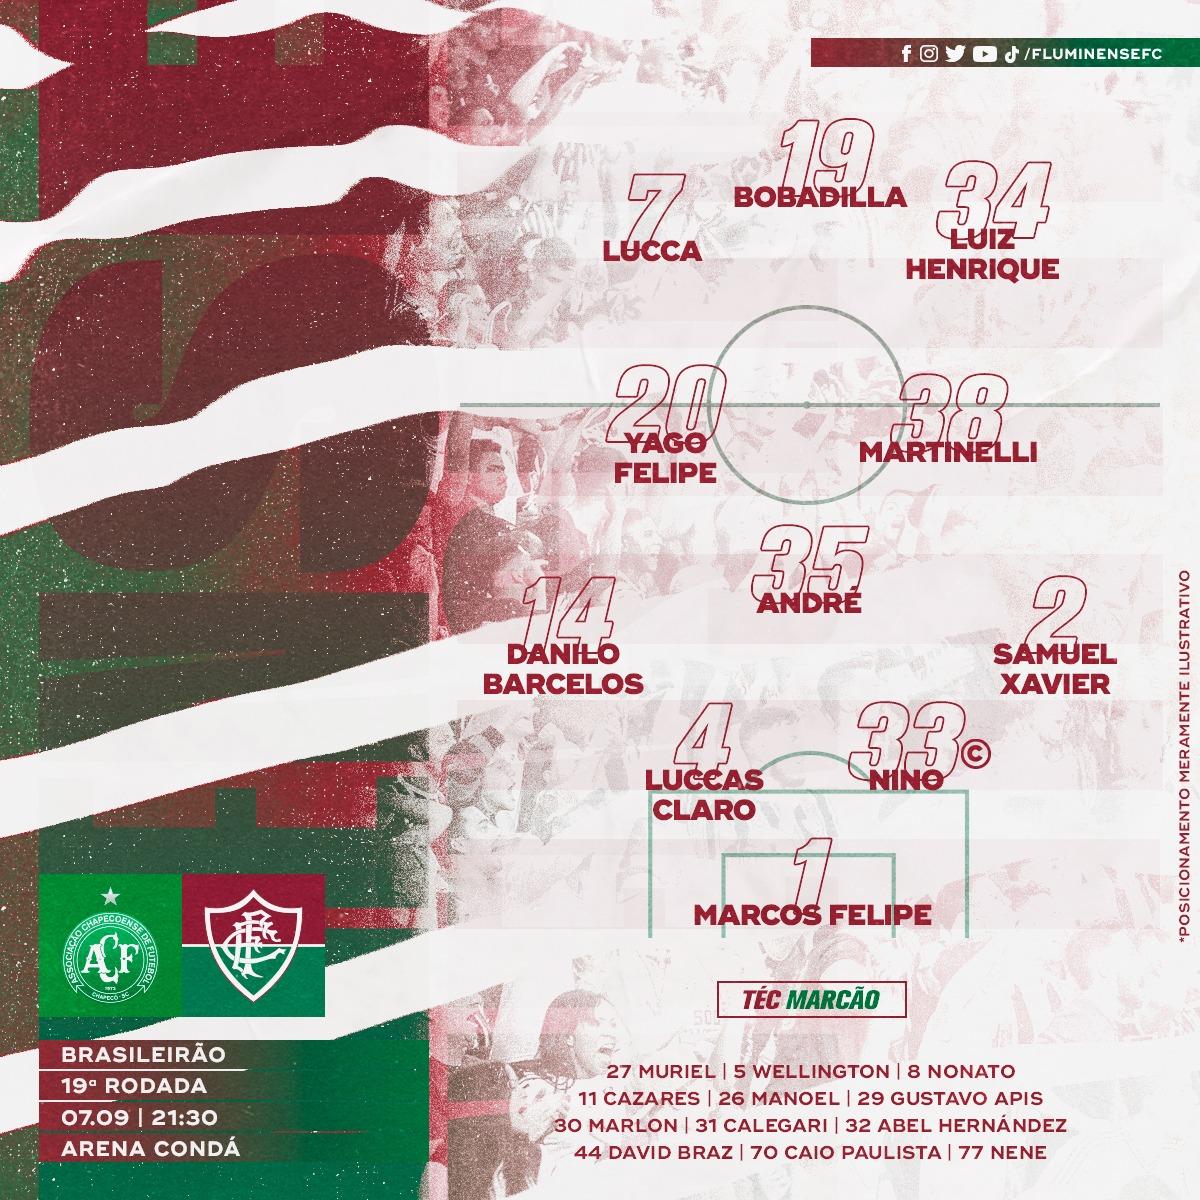 Fluminense está escalado para pegar a Chapecoense pelo Campeonato Brasileiro